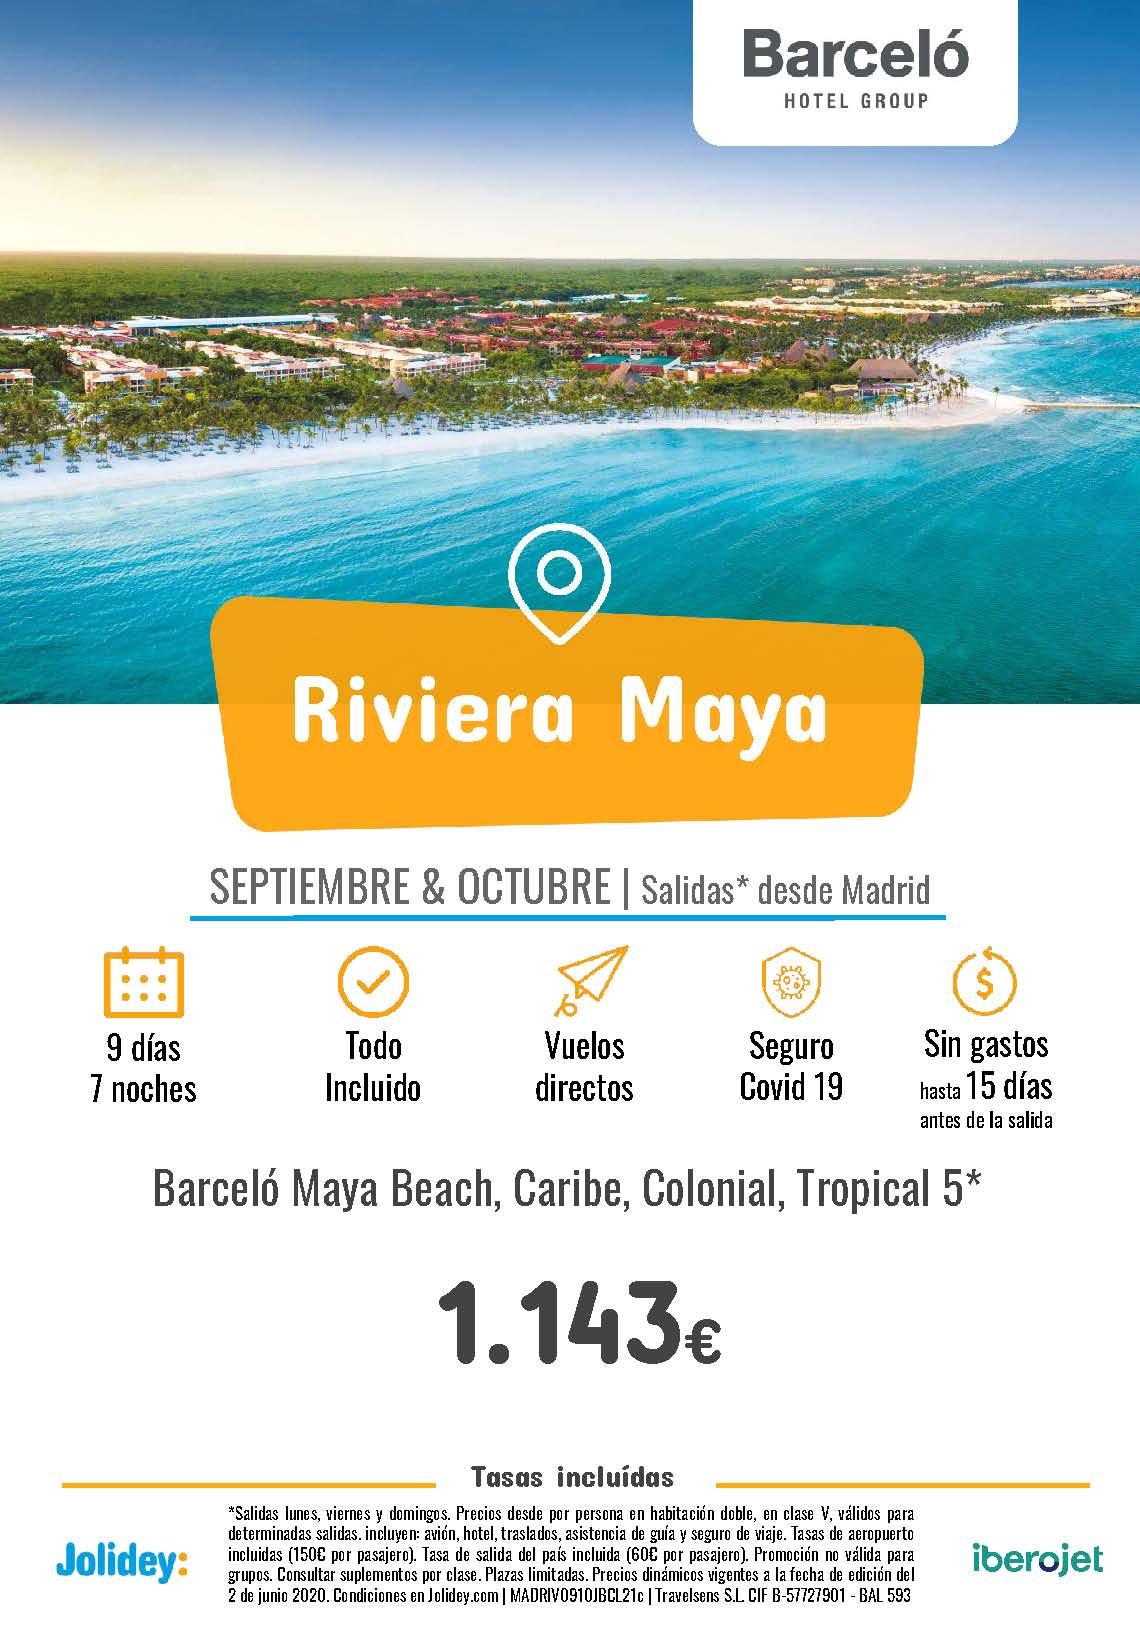 Ofertas Jolidey Riviera Maya en Hoteles Barcelo Septiembre Octubre 2021 vuelo directo desde Madrid